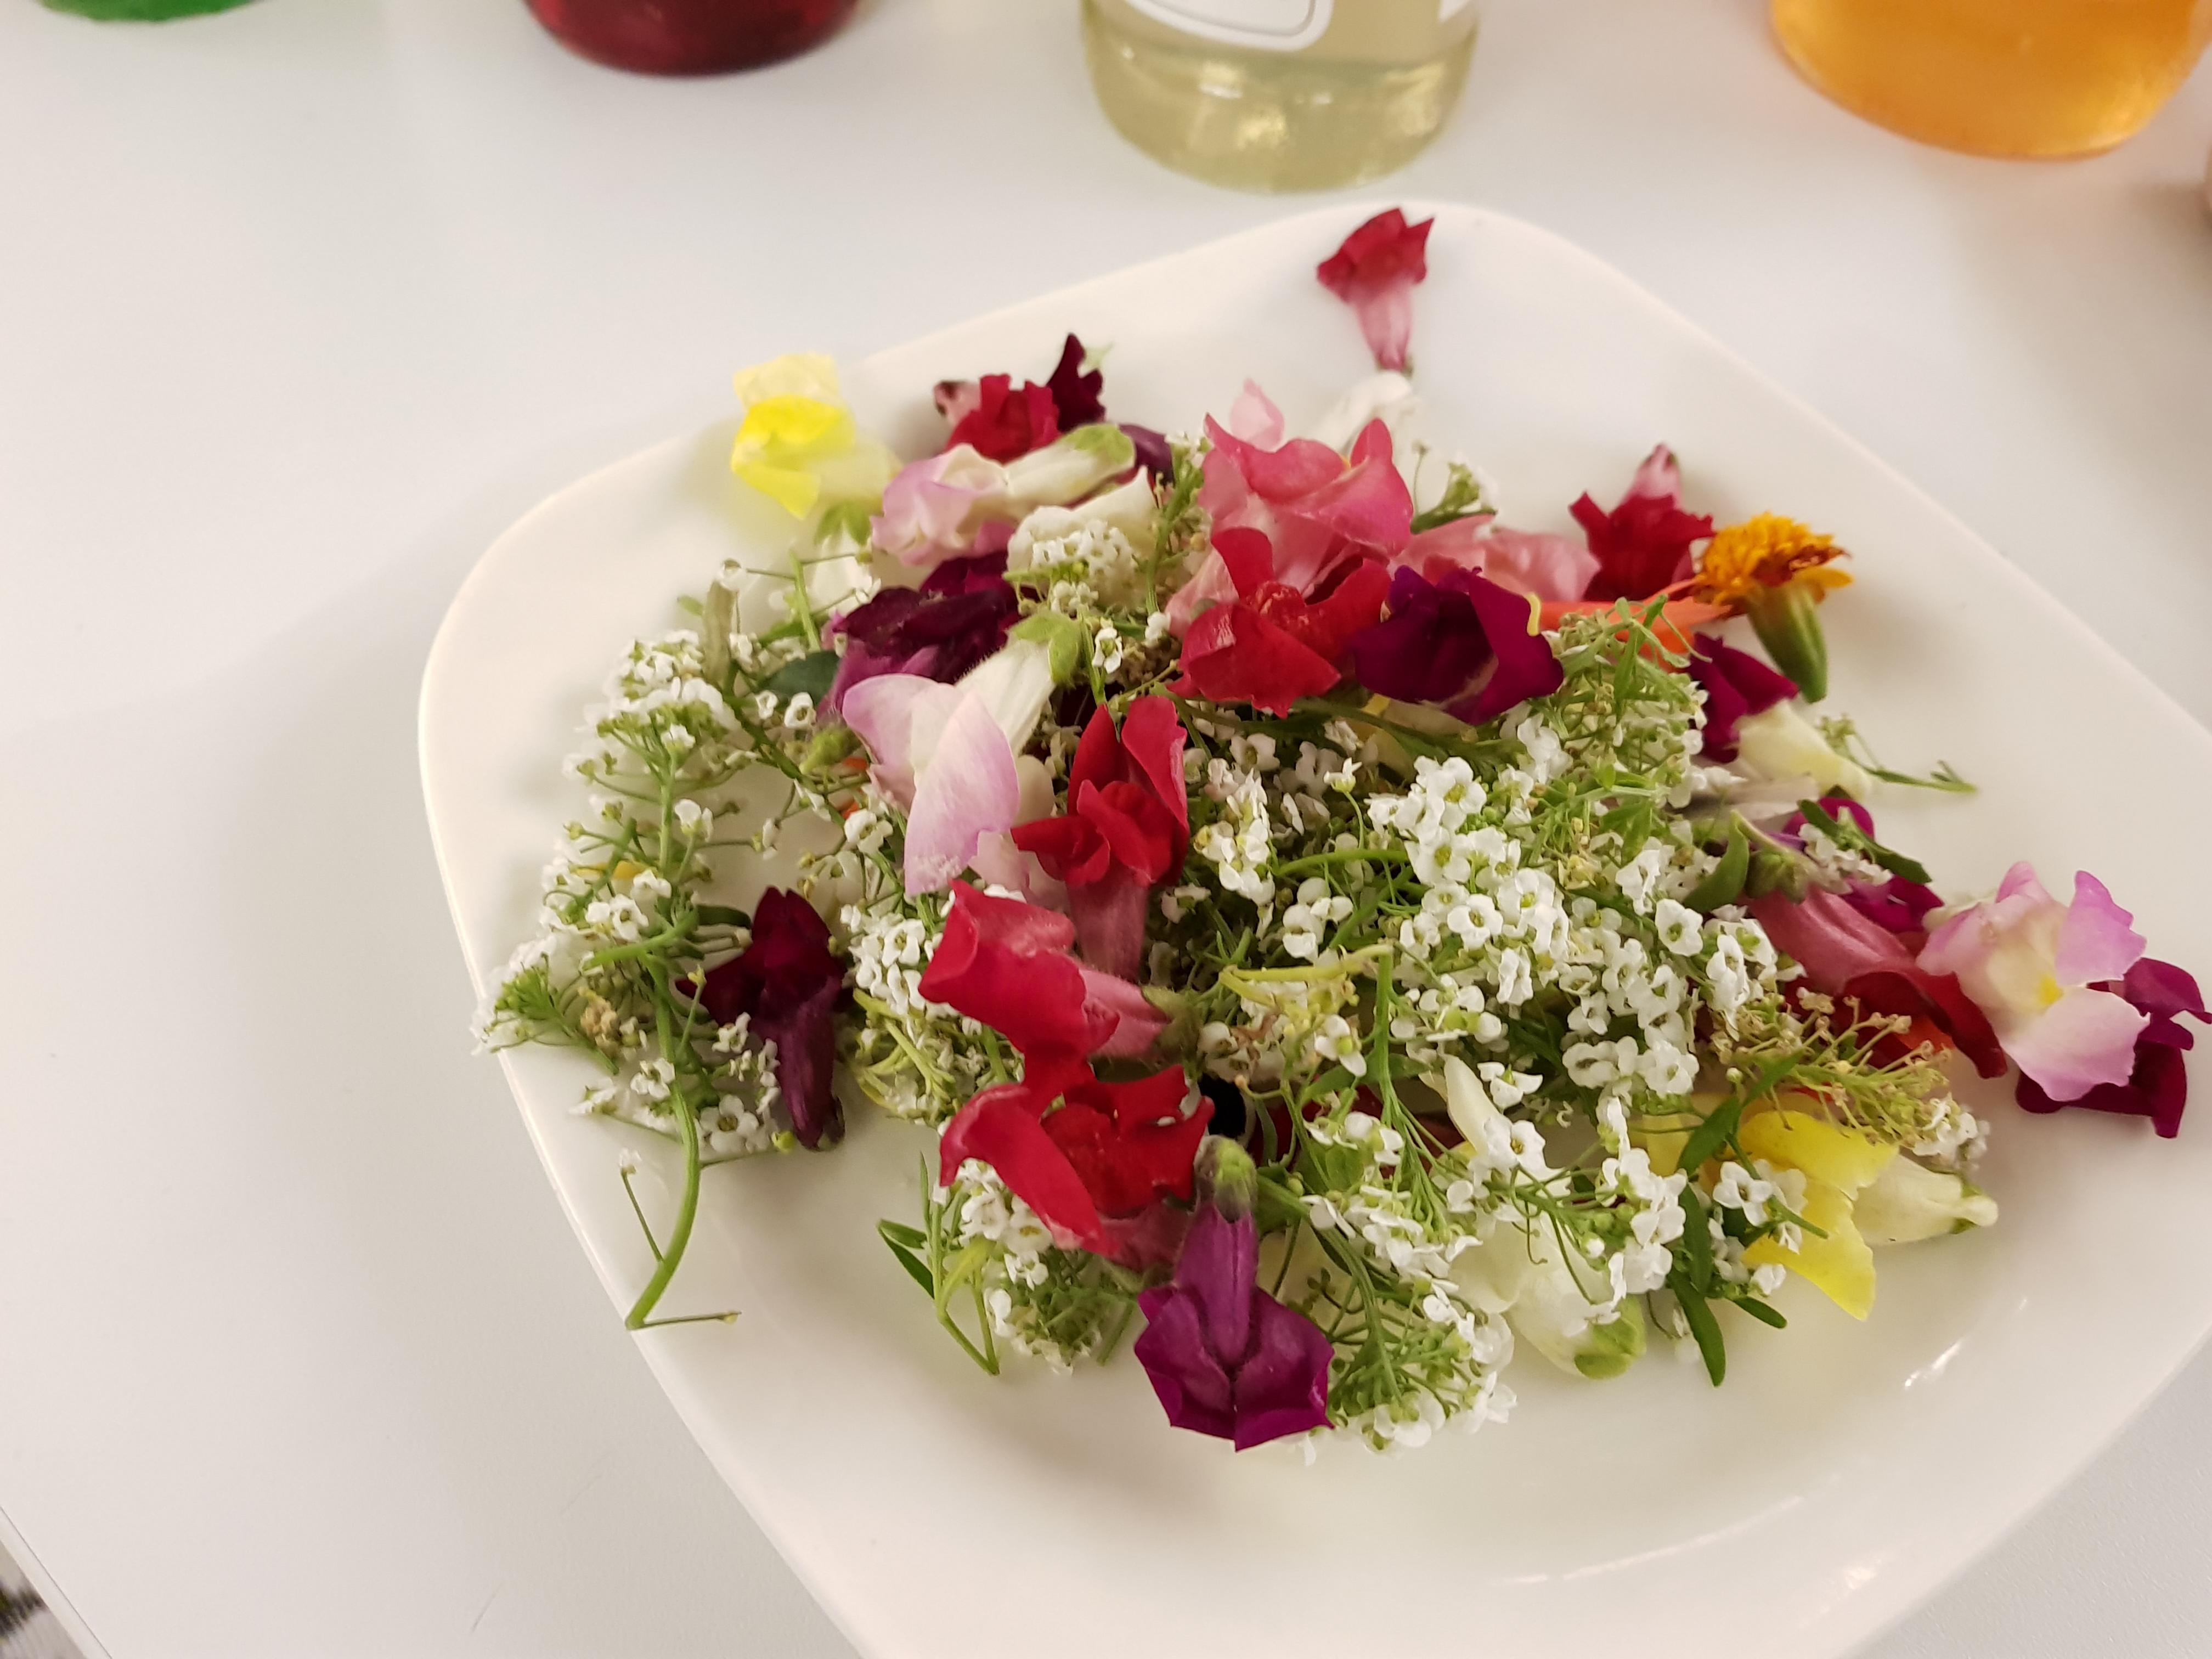 Fleurs Koppert Cress ANA Distri